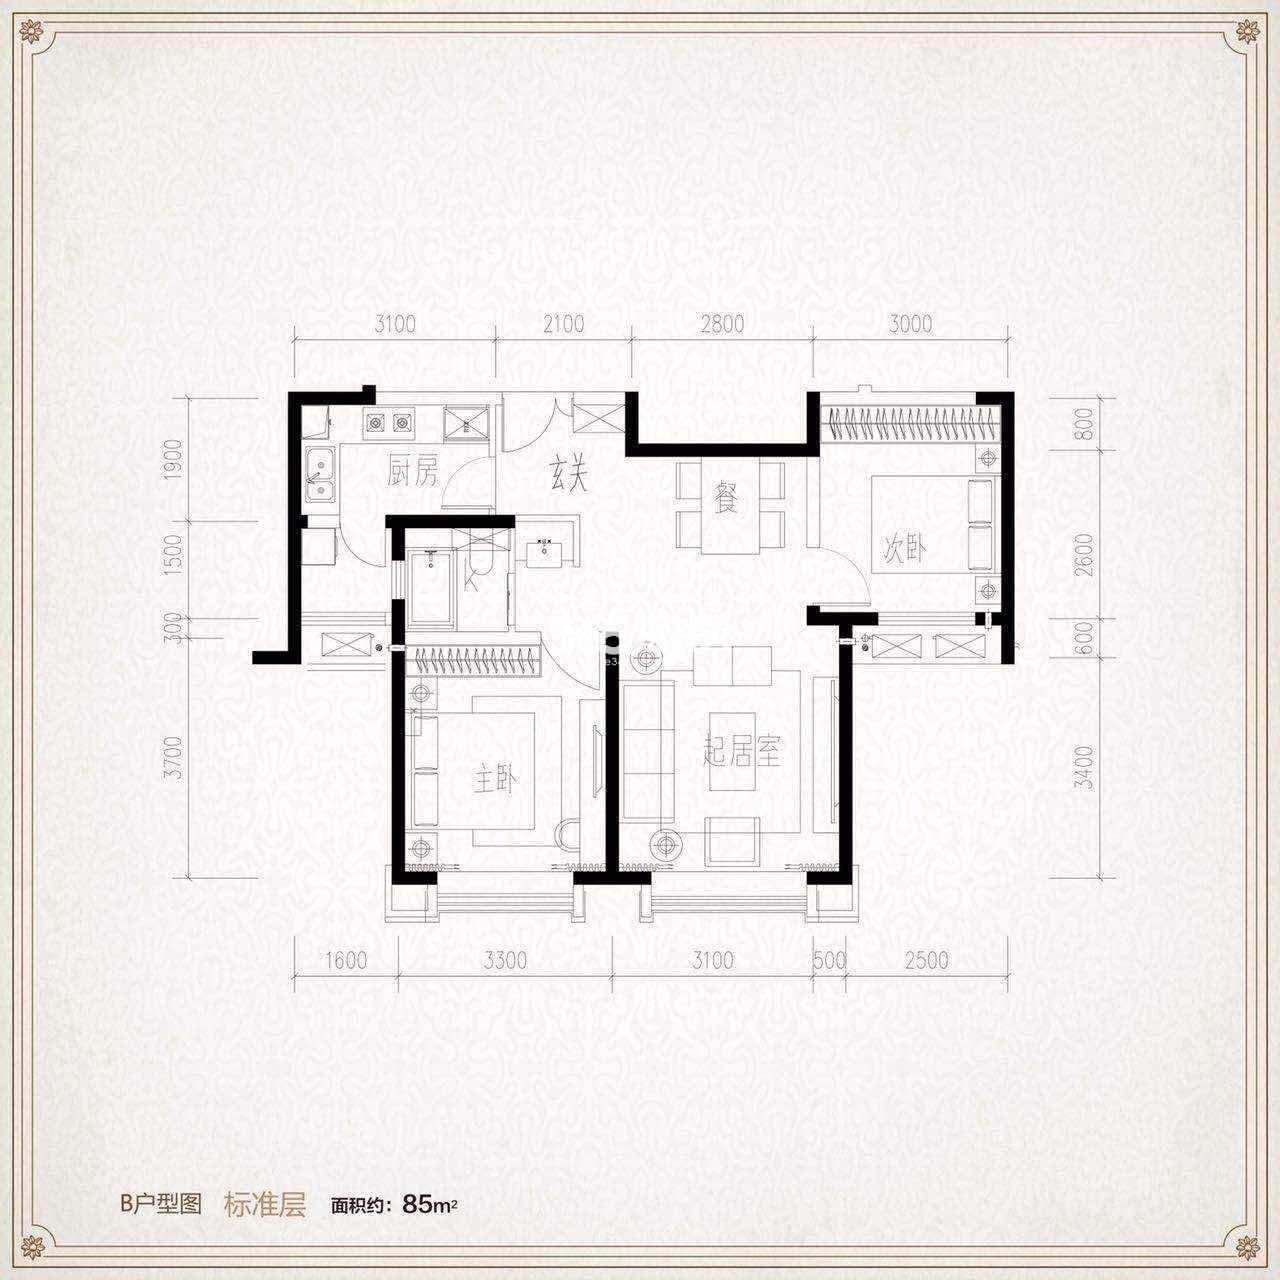 85平米两室